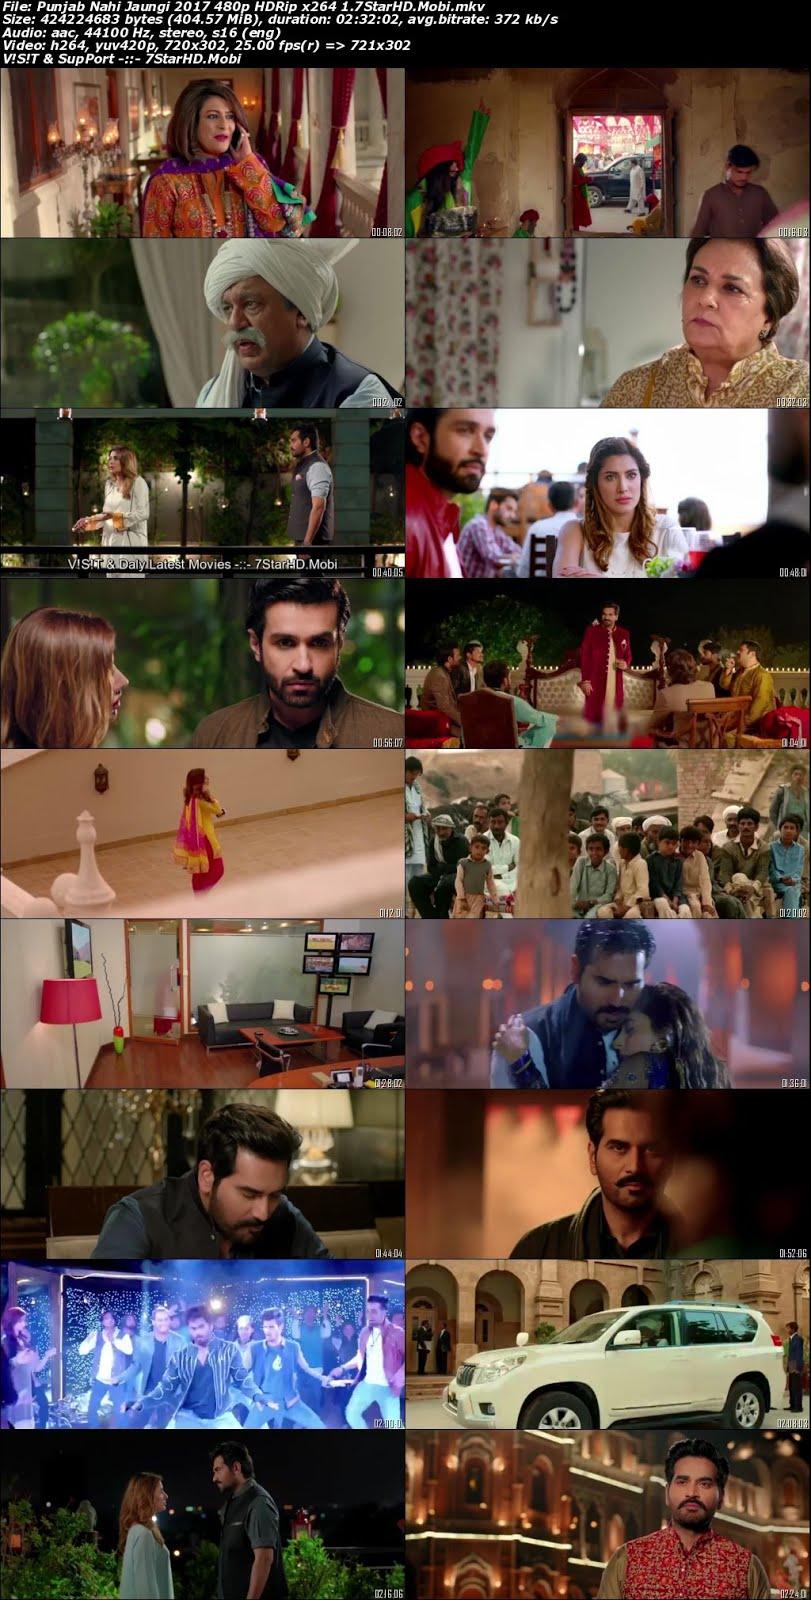 Punjab Nahi Jaungi (2017) Urdu 400MB HDRip 480p x264 2